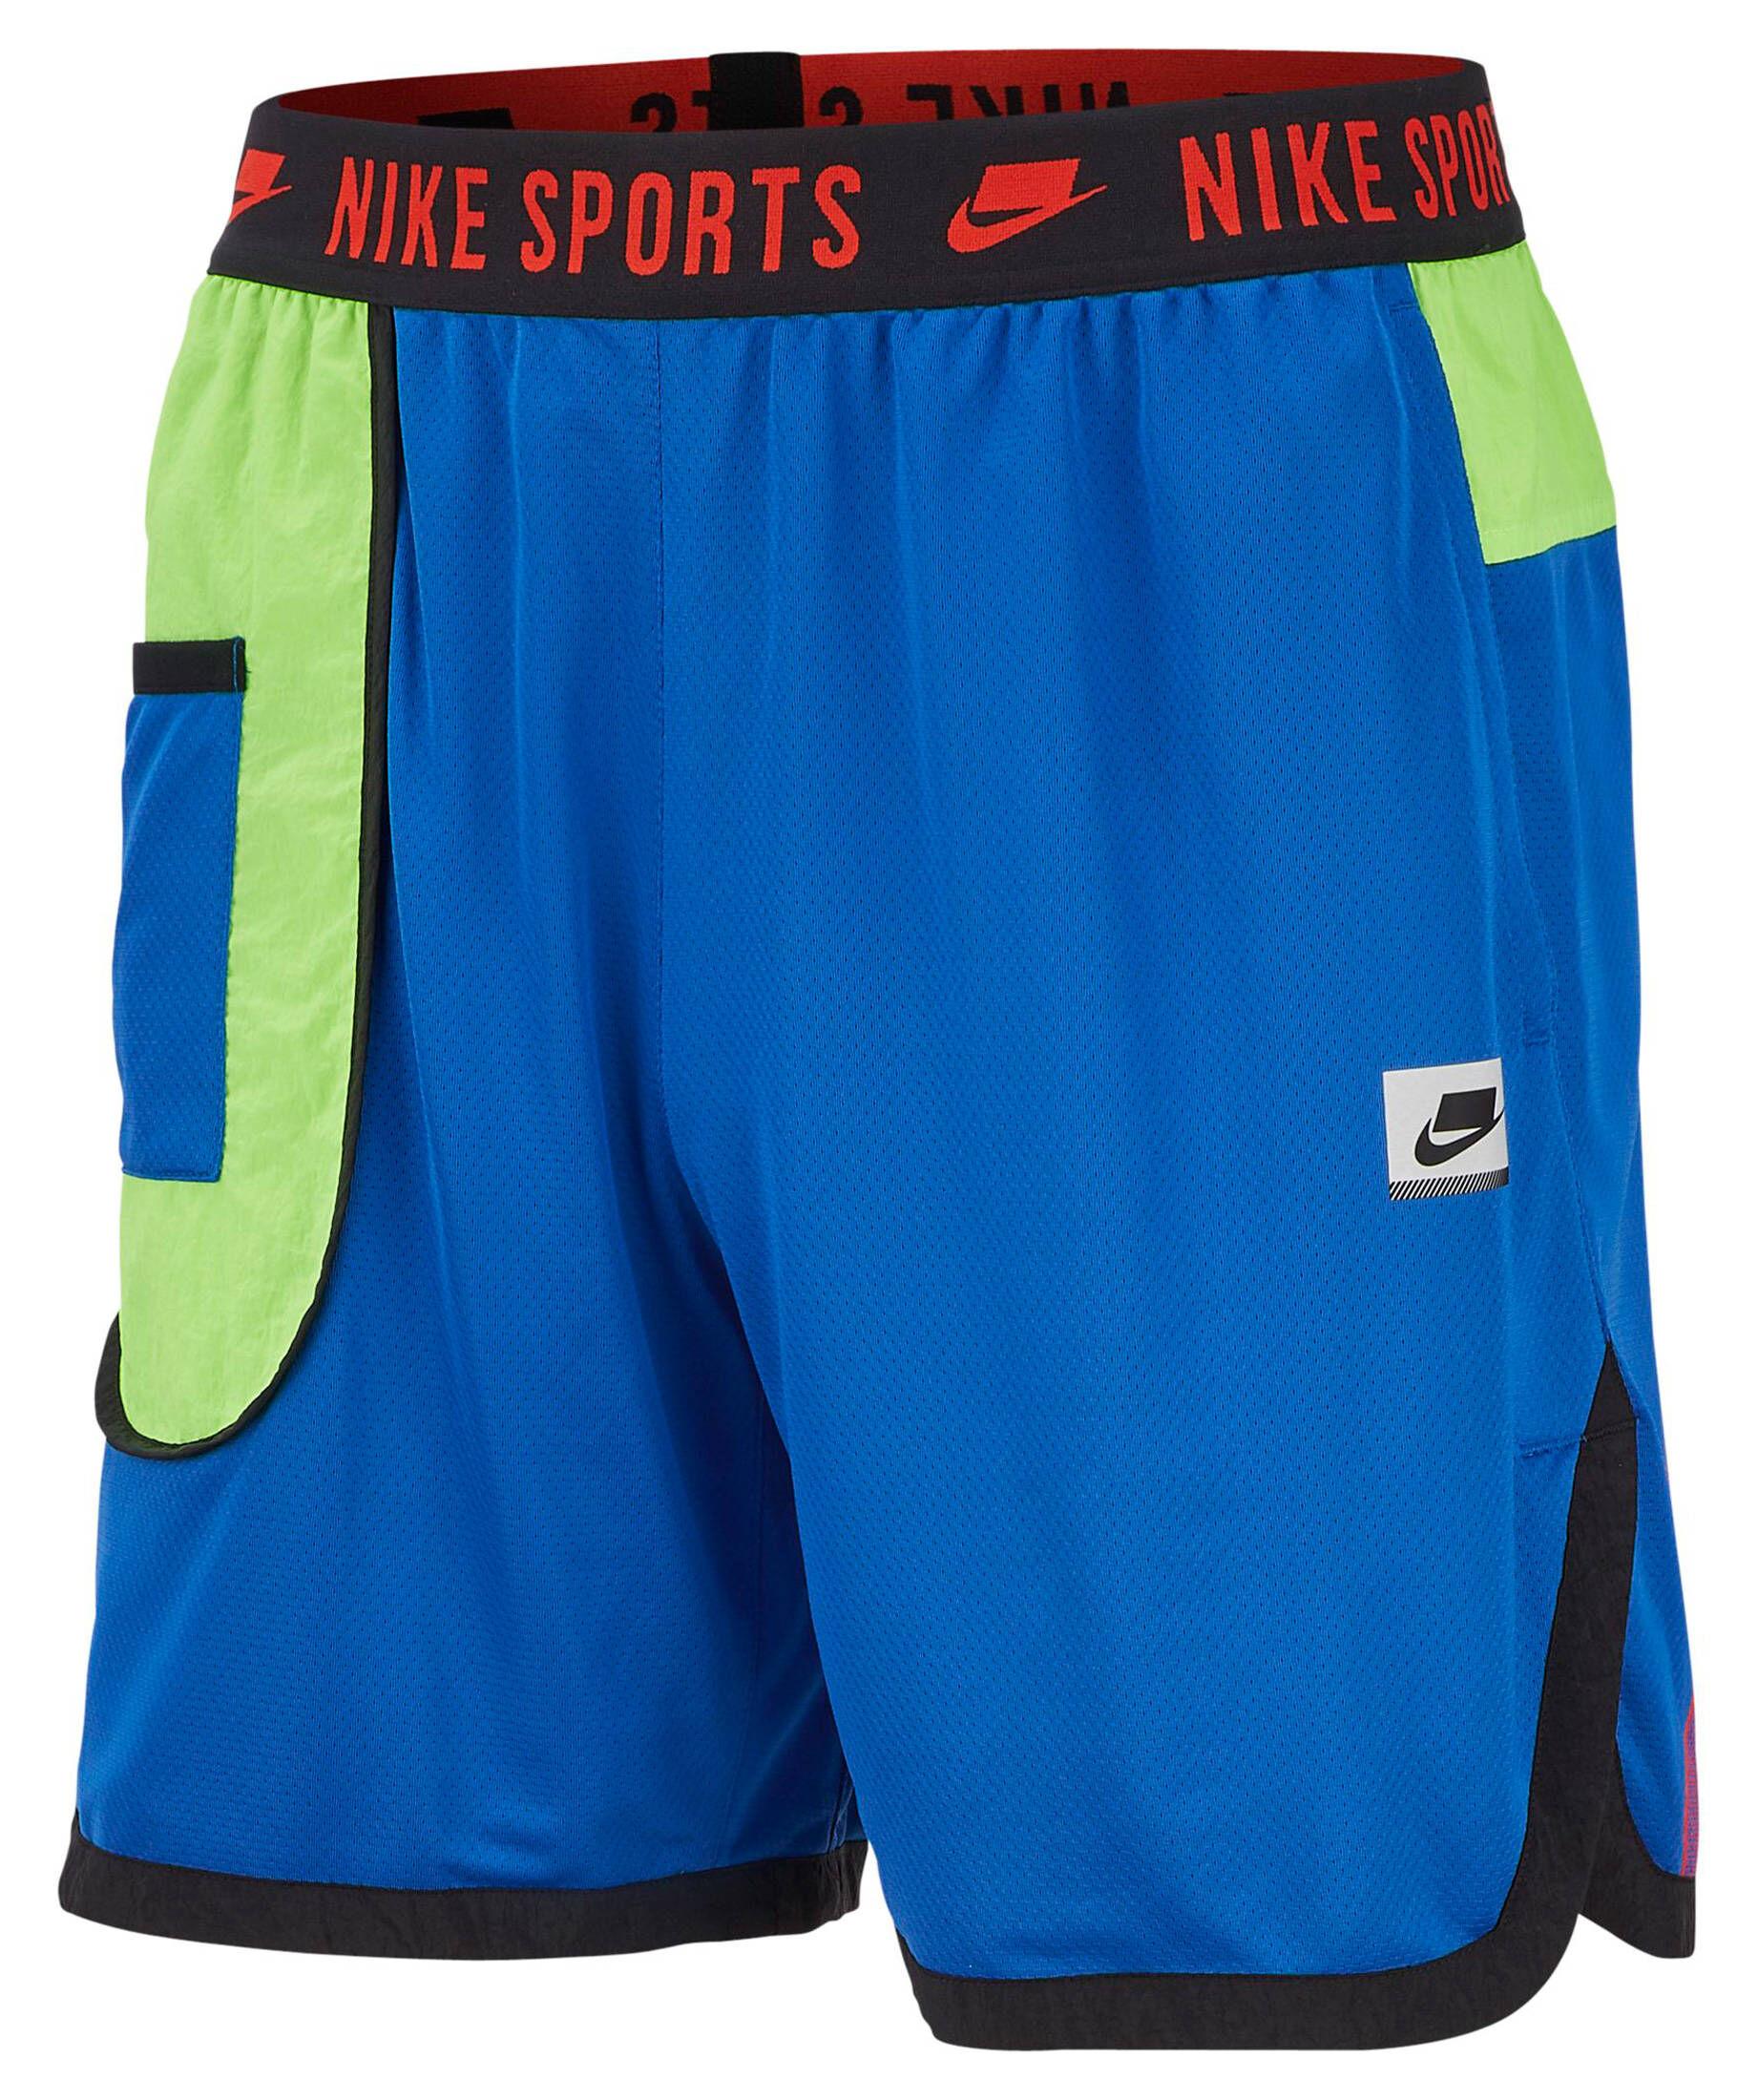 Shorts engelhorn sports